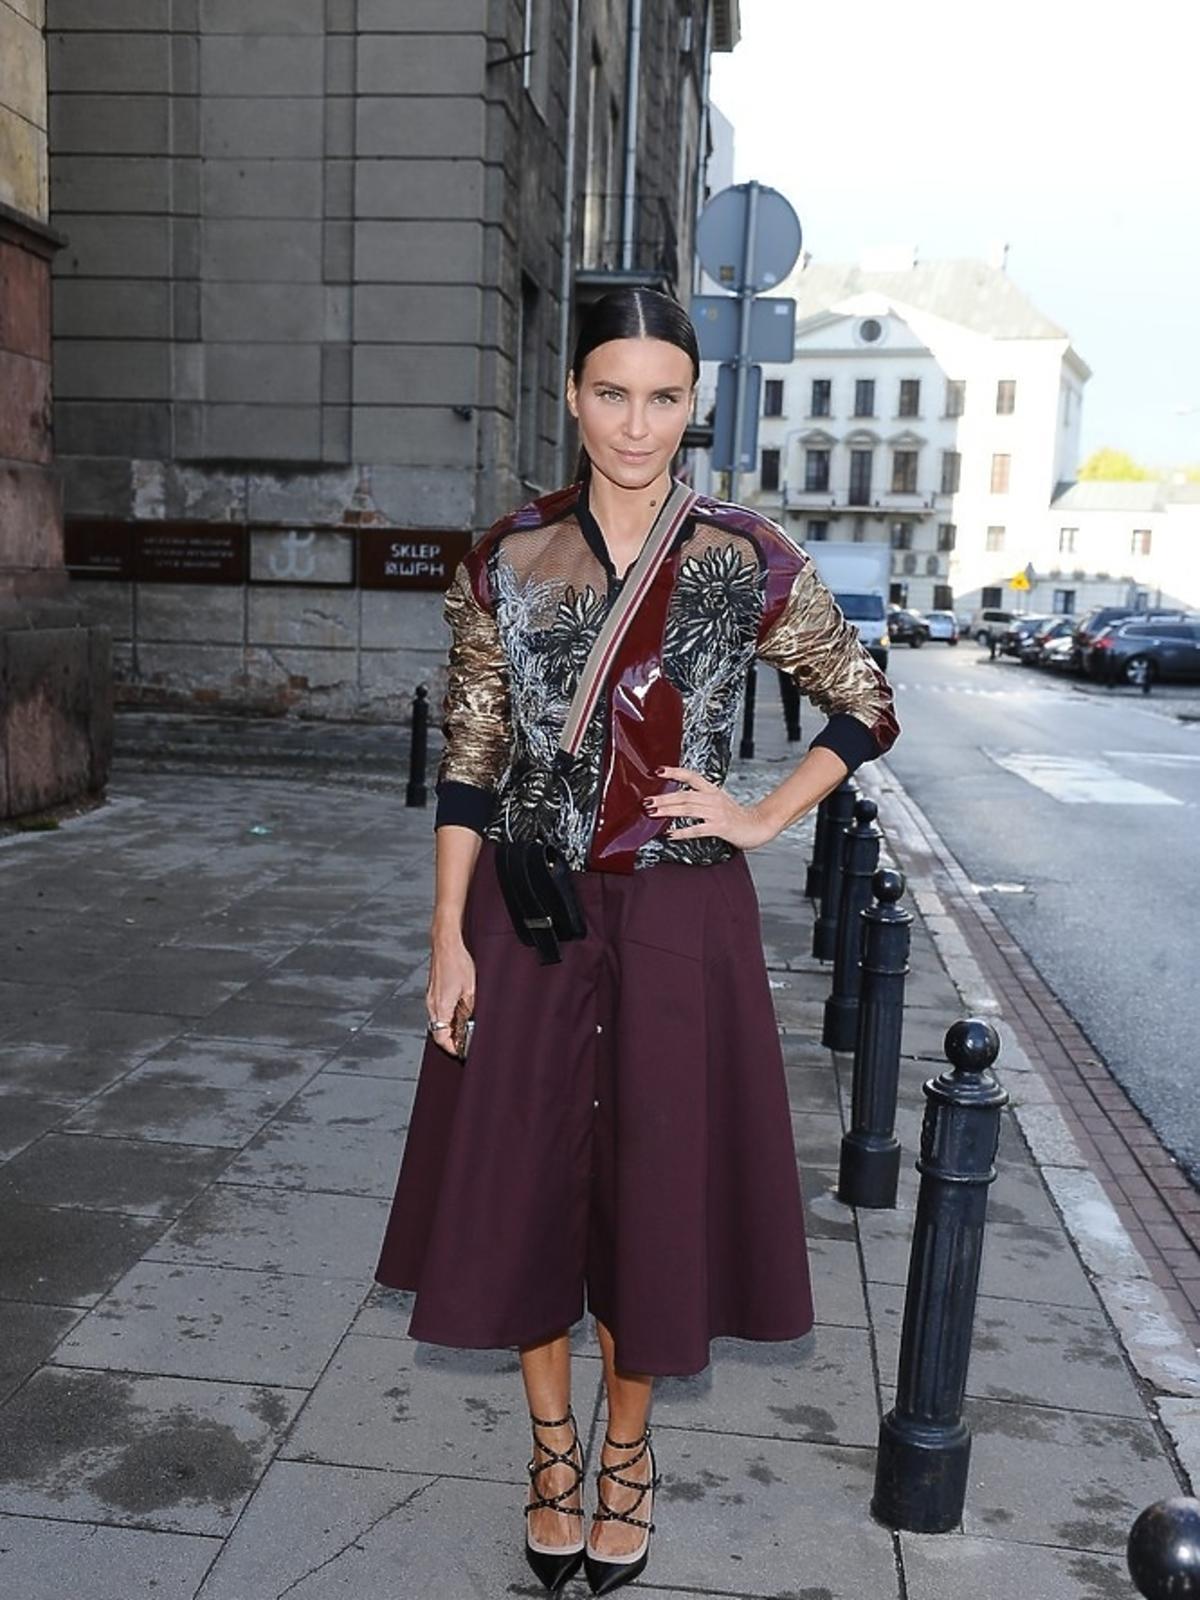 Joanna Horodyńska w borodowej kreacji na ulicy